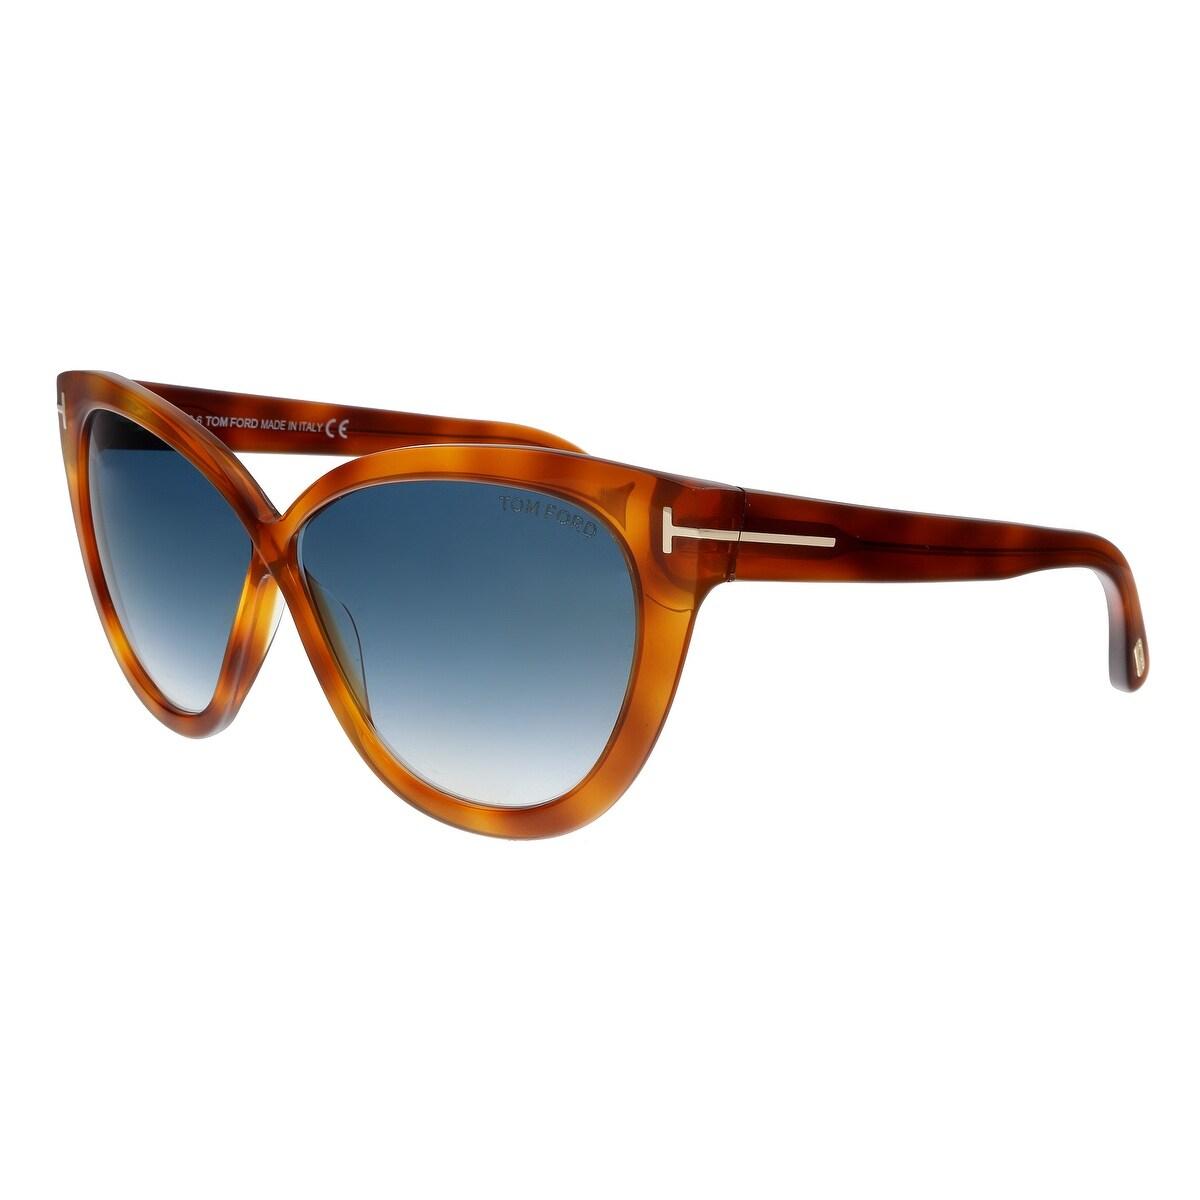 10a0e9e1dce7 Cateye Tom Ford Women s Sunglasses